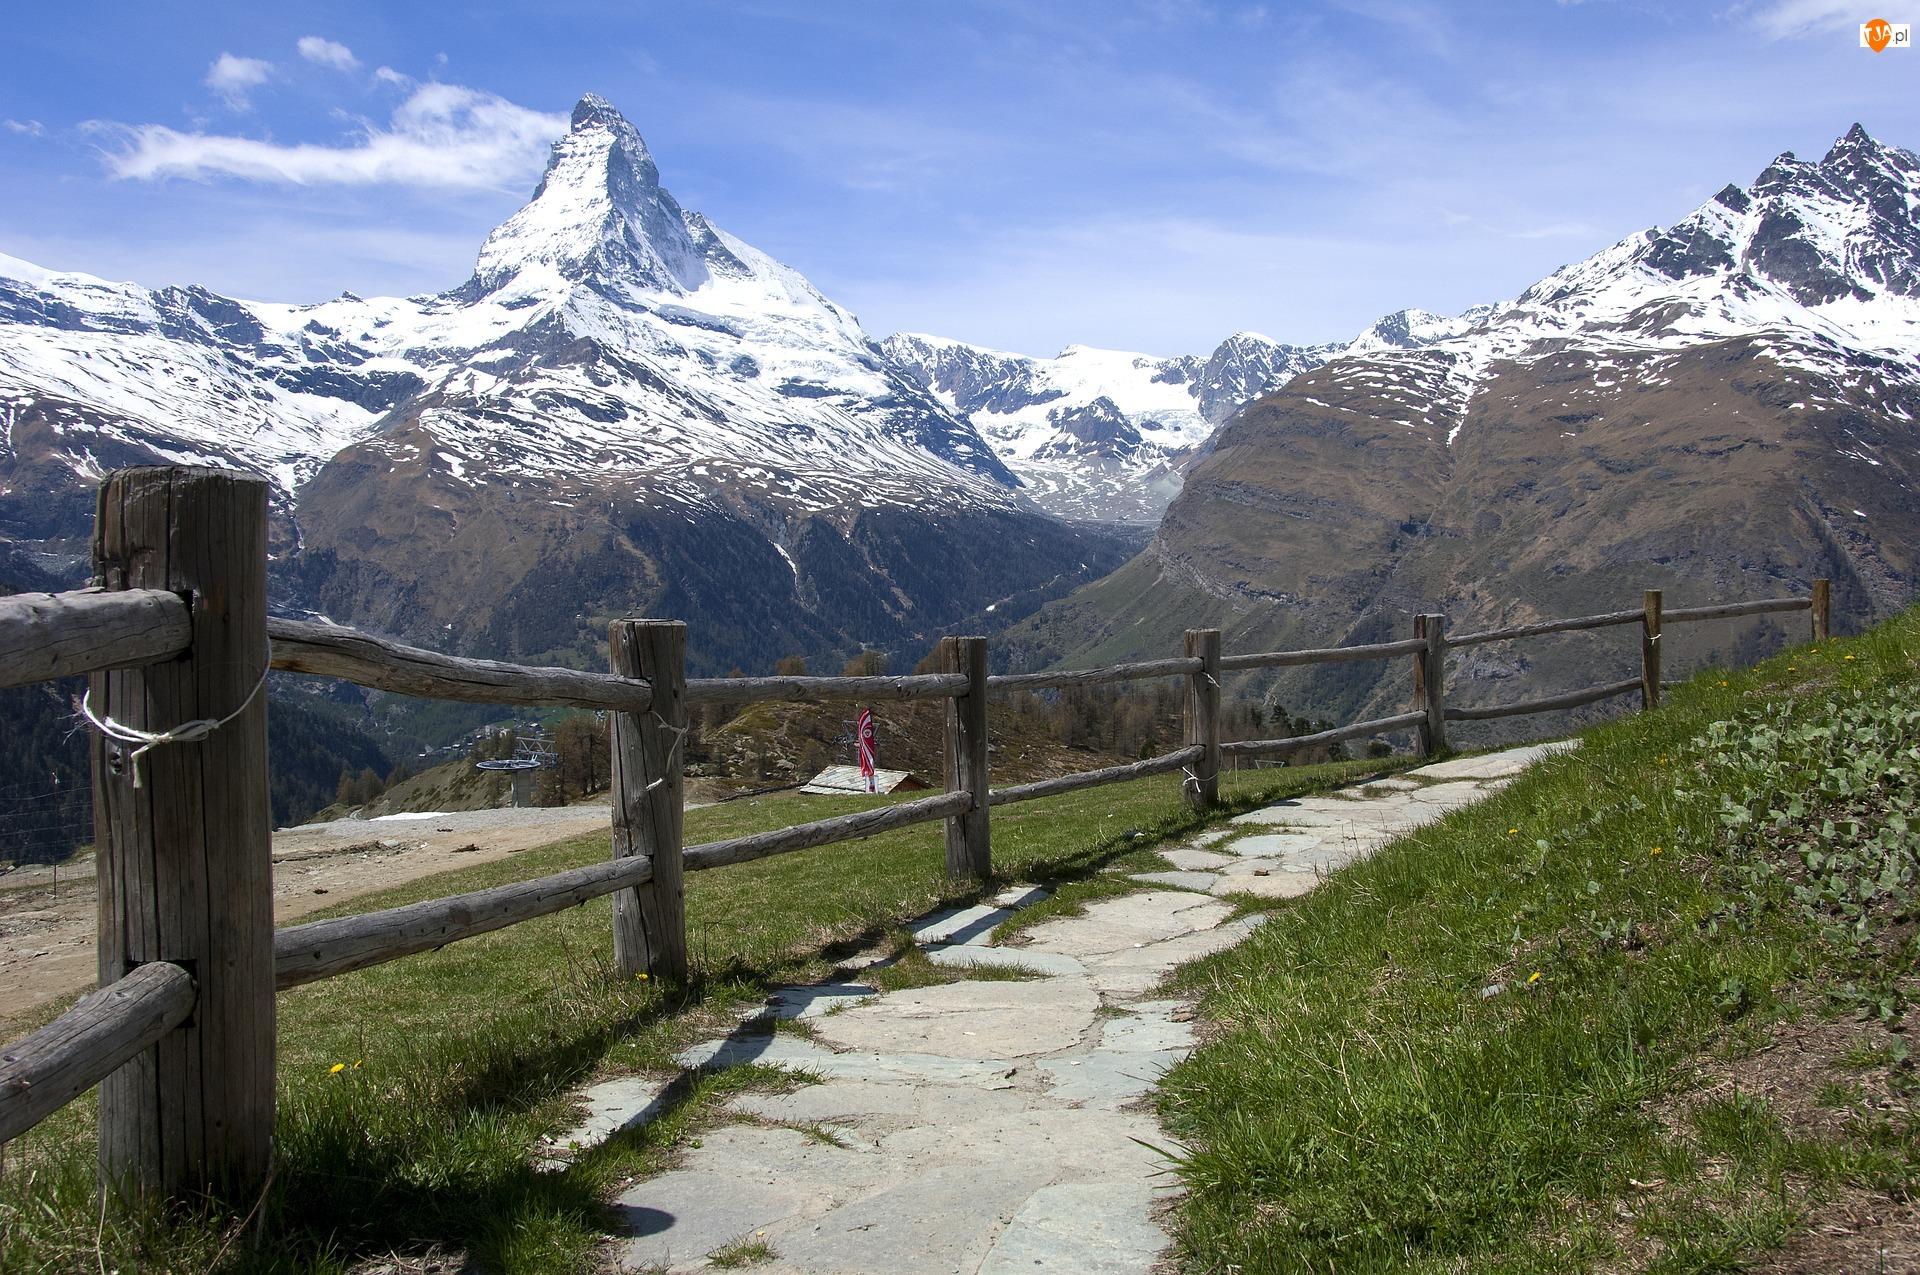 Alpy, Góry, Droga, Szwajcaria, Szczyt Matterhorn, Ogrodzenie